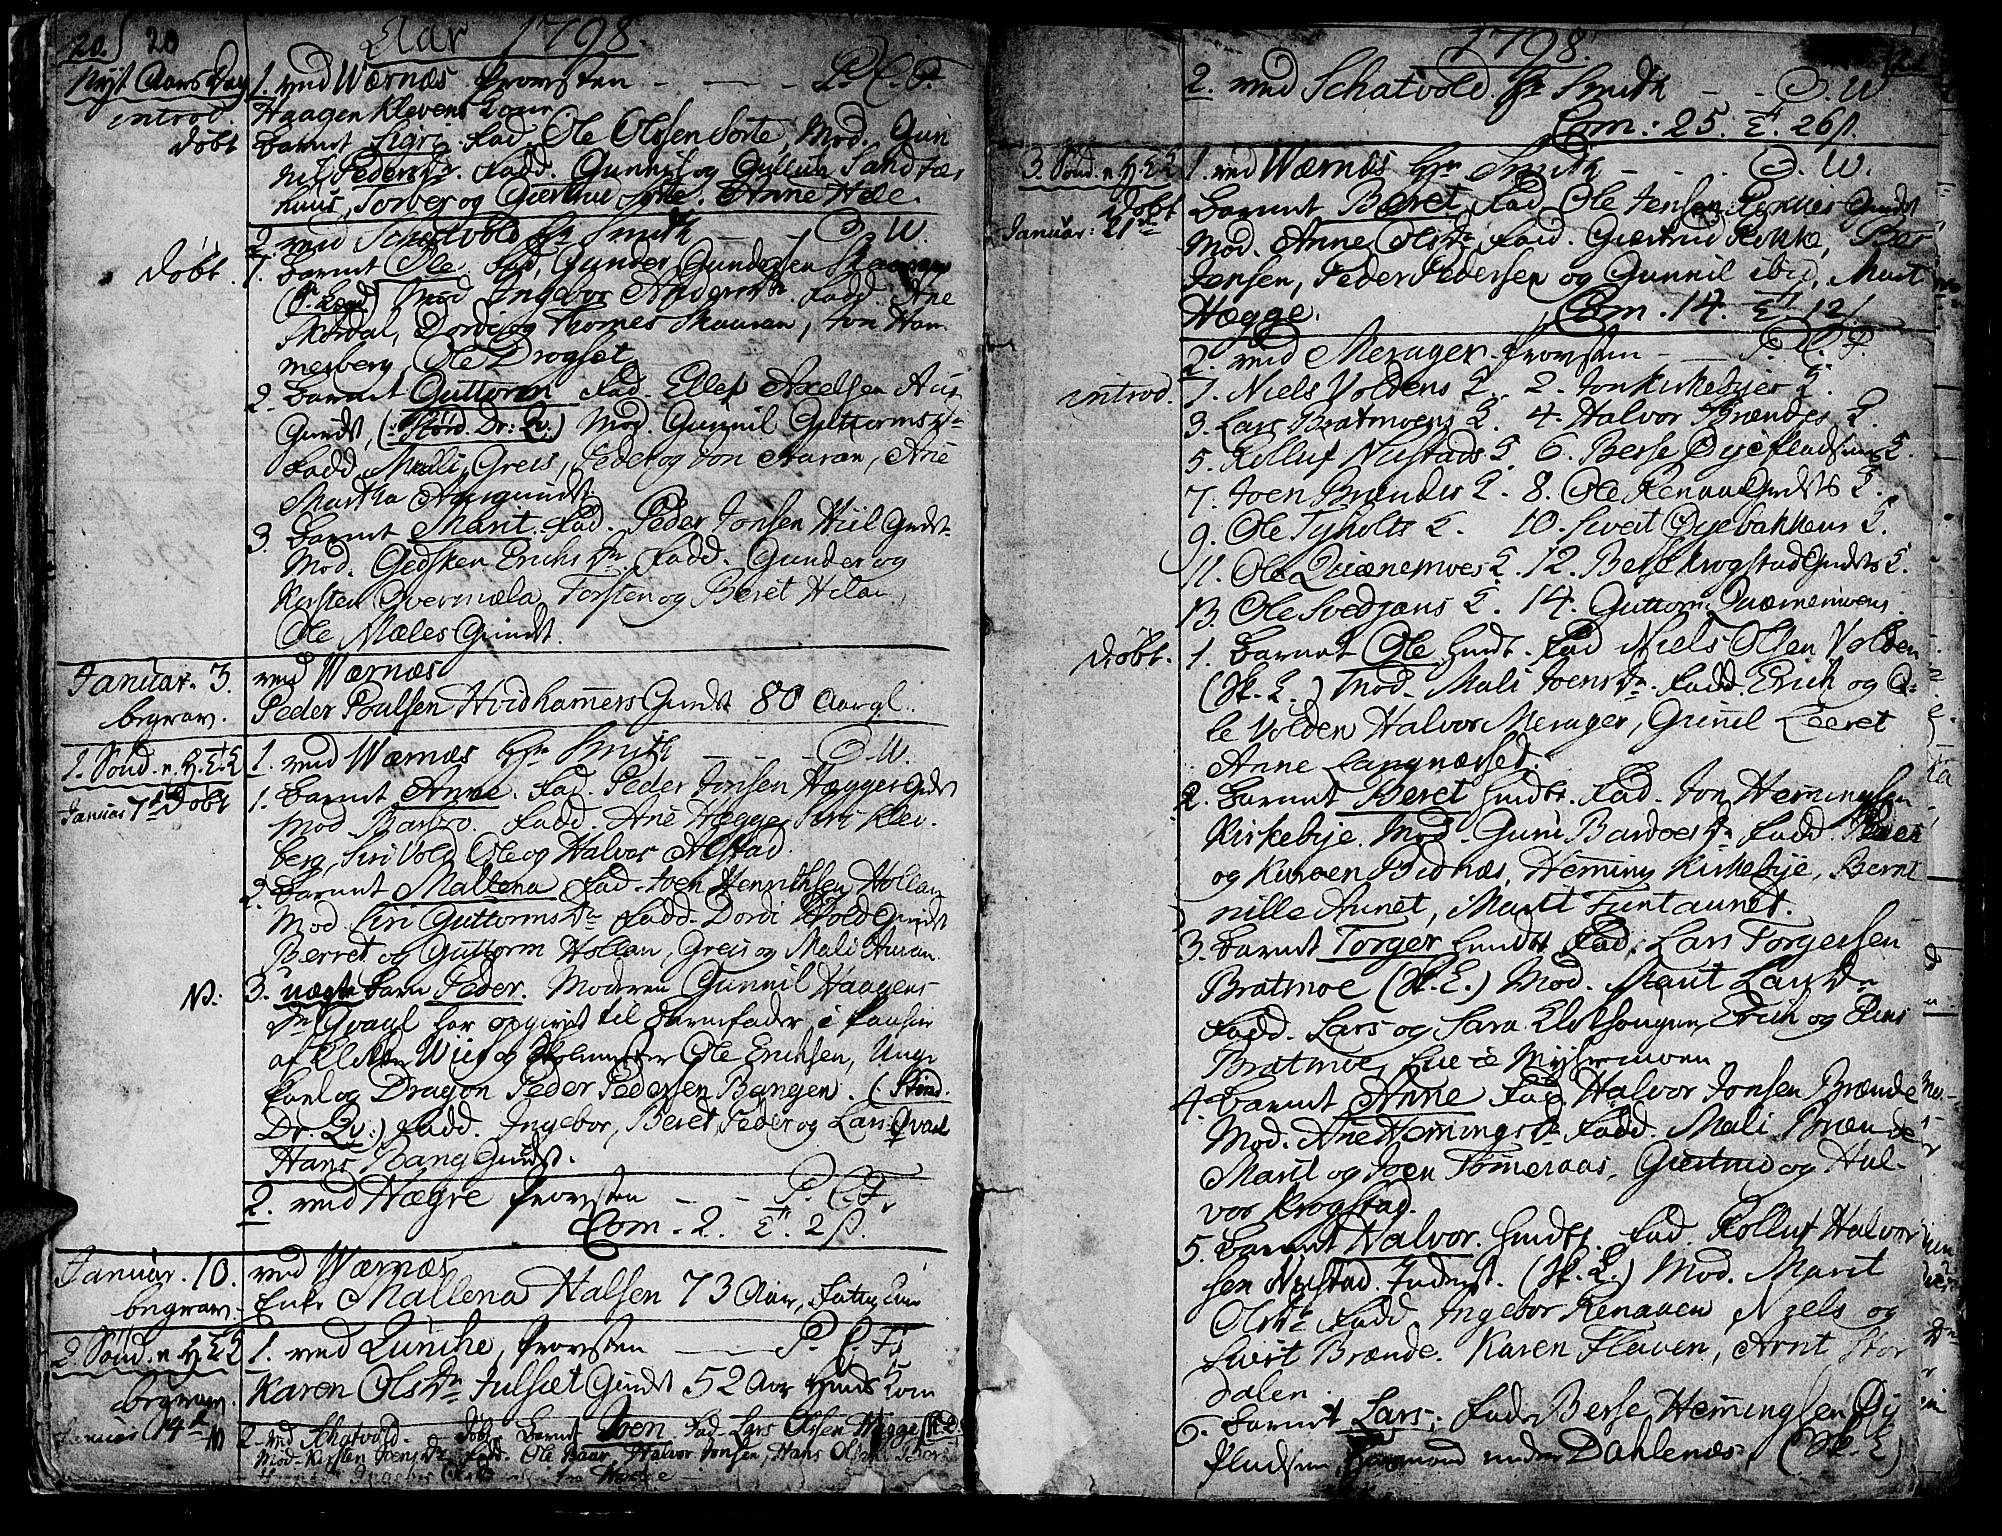 SAT, Ministerialprotokoller, klokkerbøker og fødselsregistre - Nord-Trøndelag, 709/L0060: Ministerialbok nr. 709A07, 1797-1815, s. 20-21